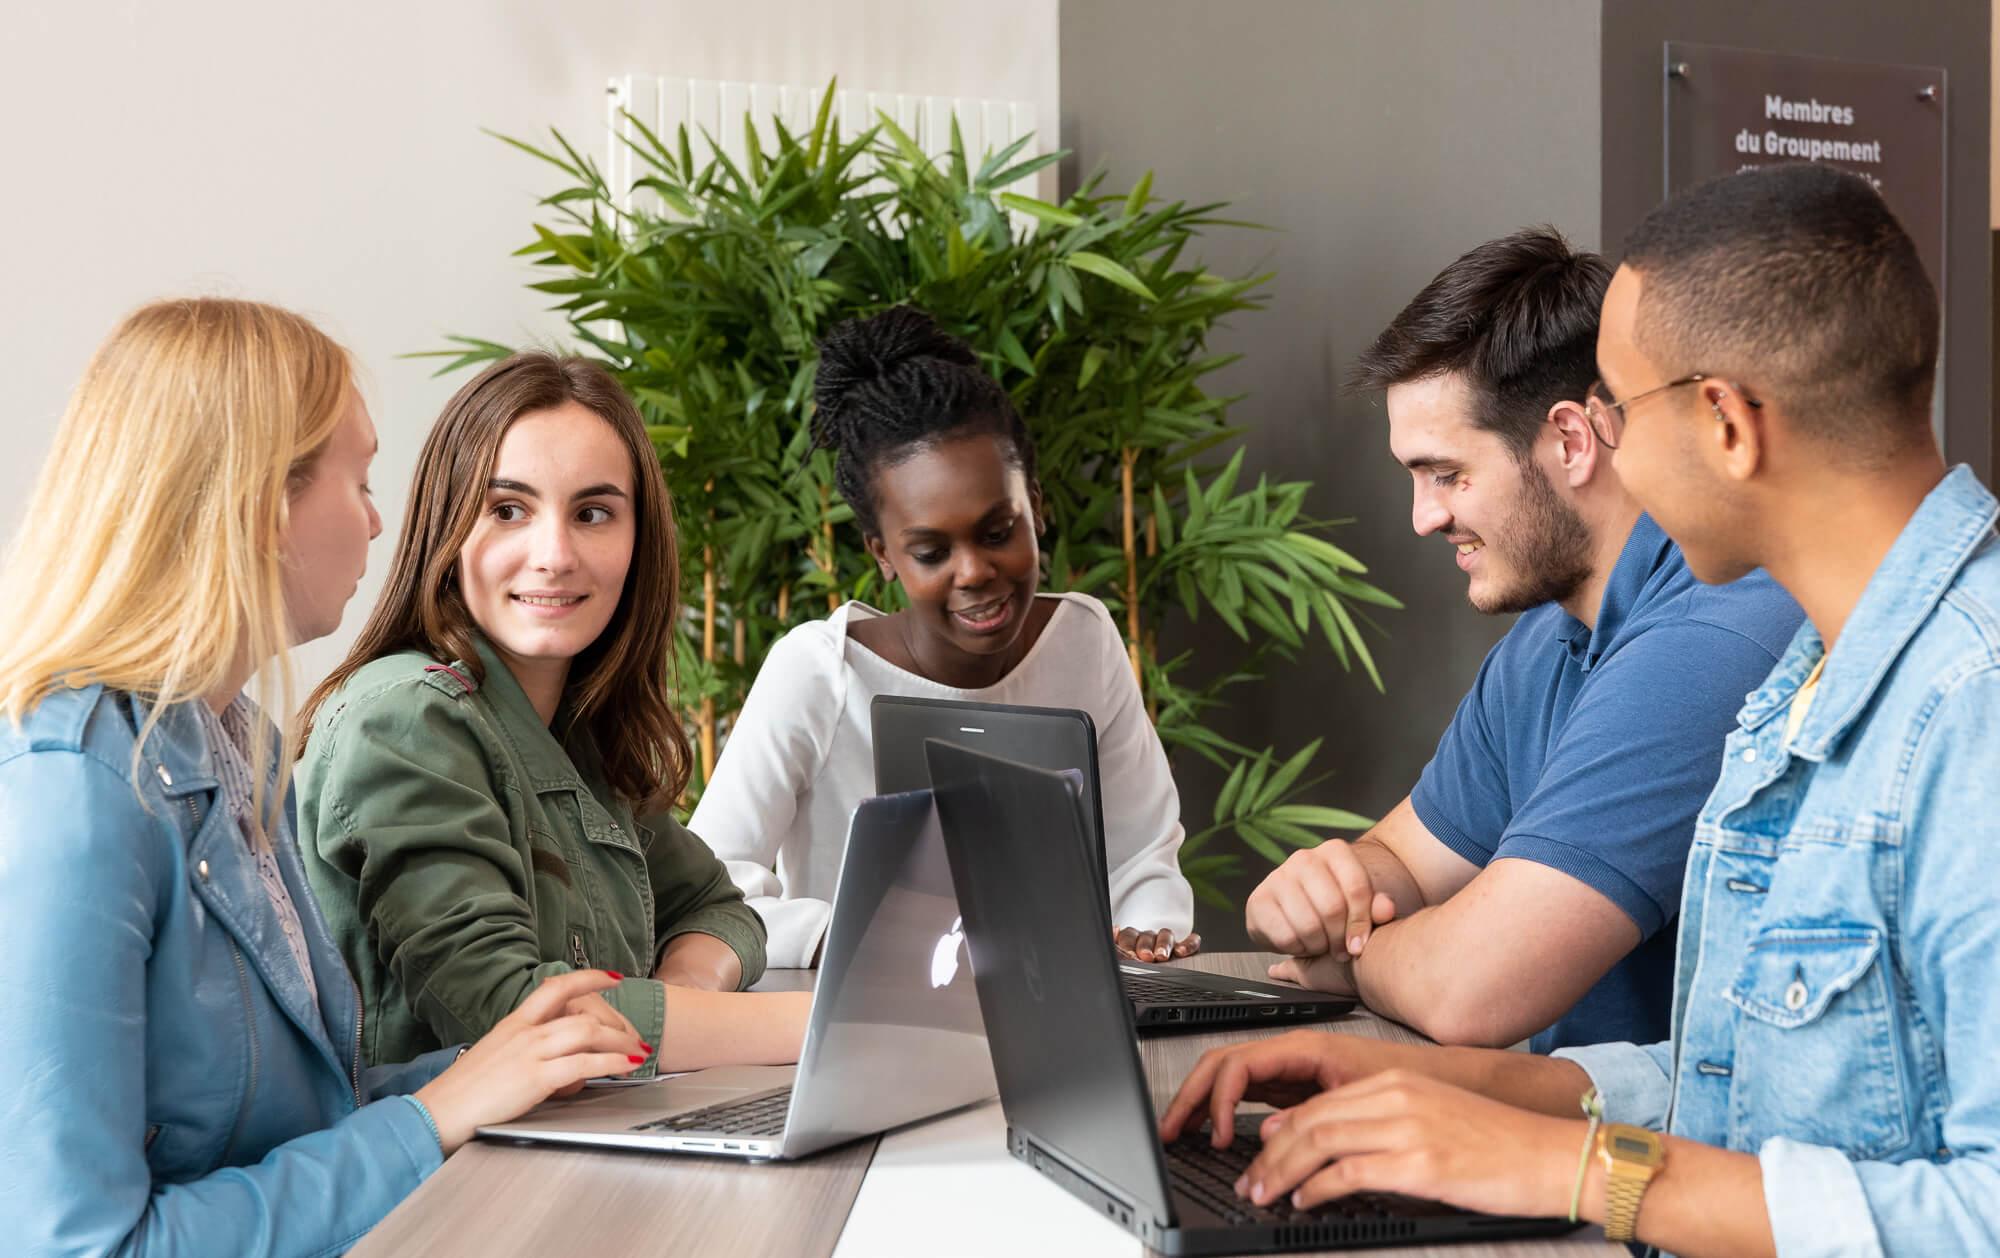 Etudiants Campus de Bourg-en-Bresse